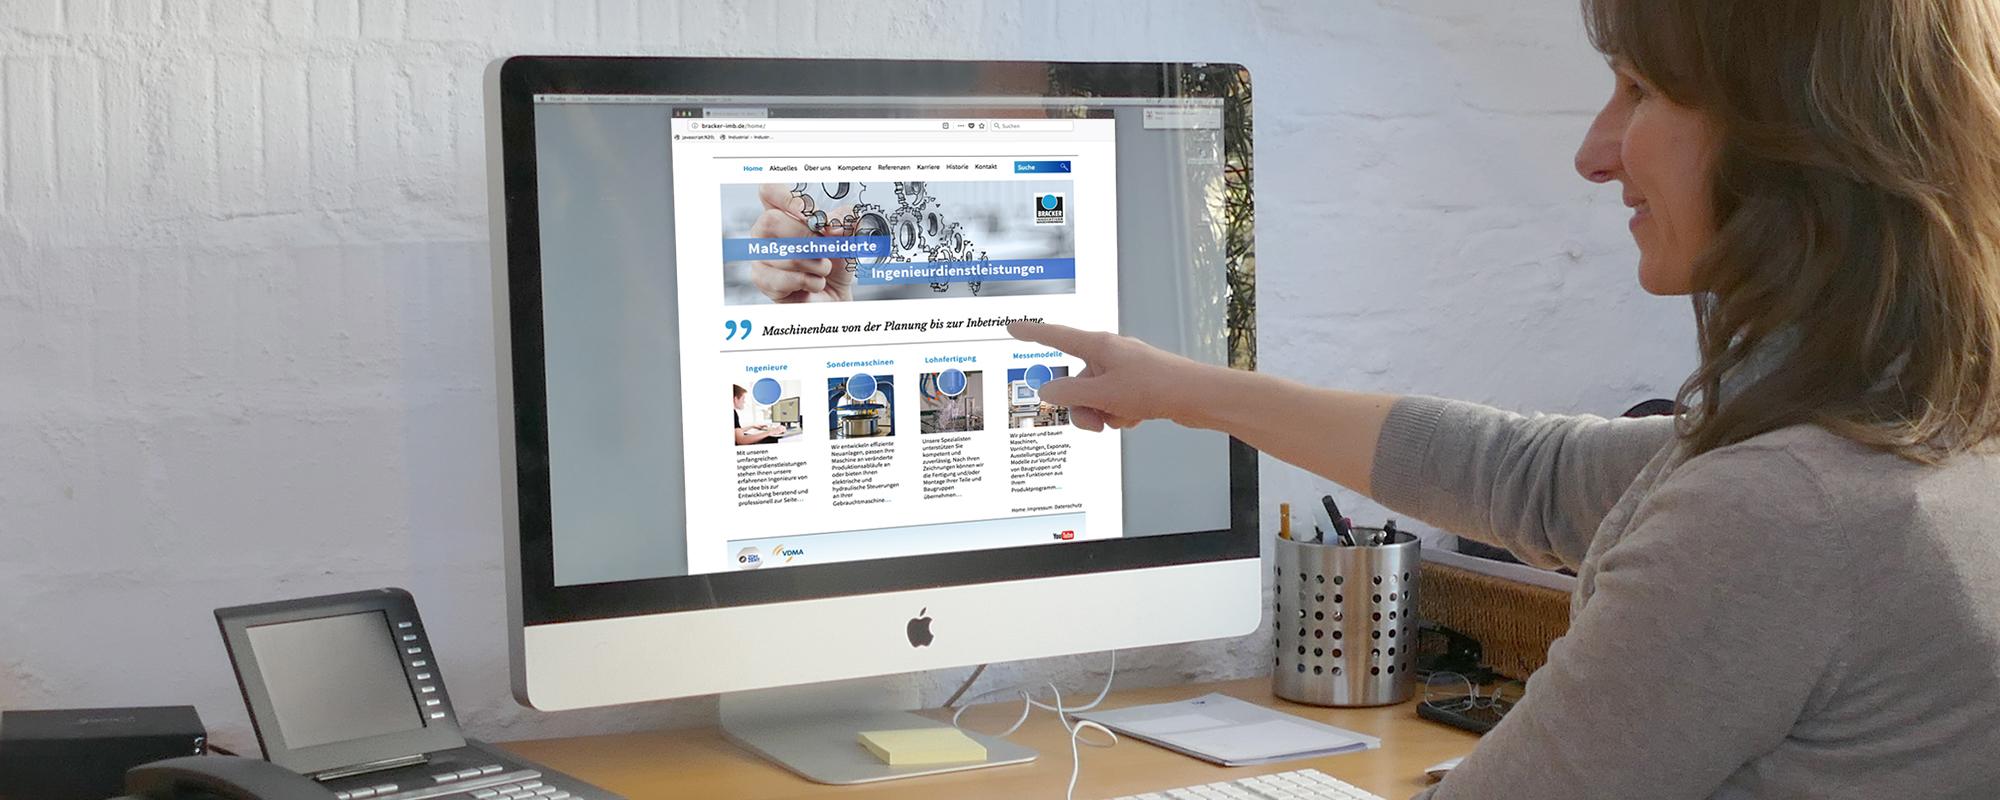 Website für ein Maschinenbauunternehmen, KMU